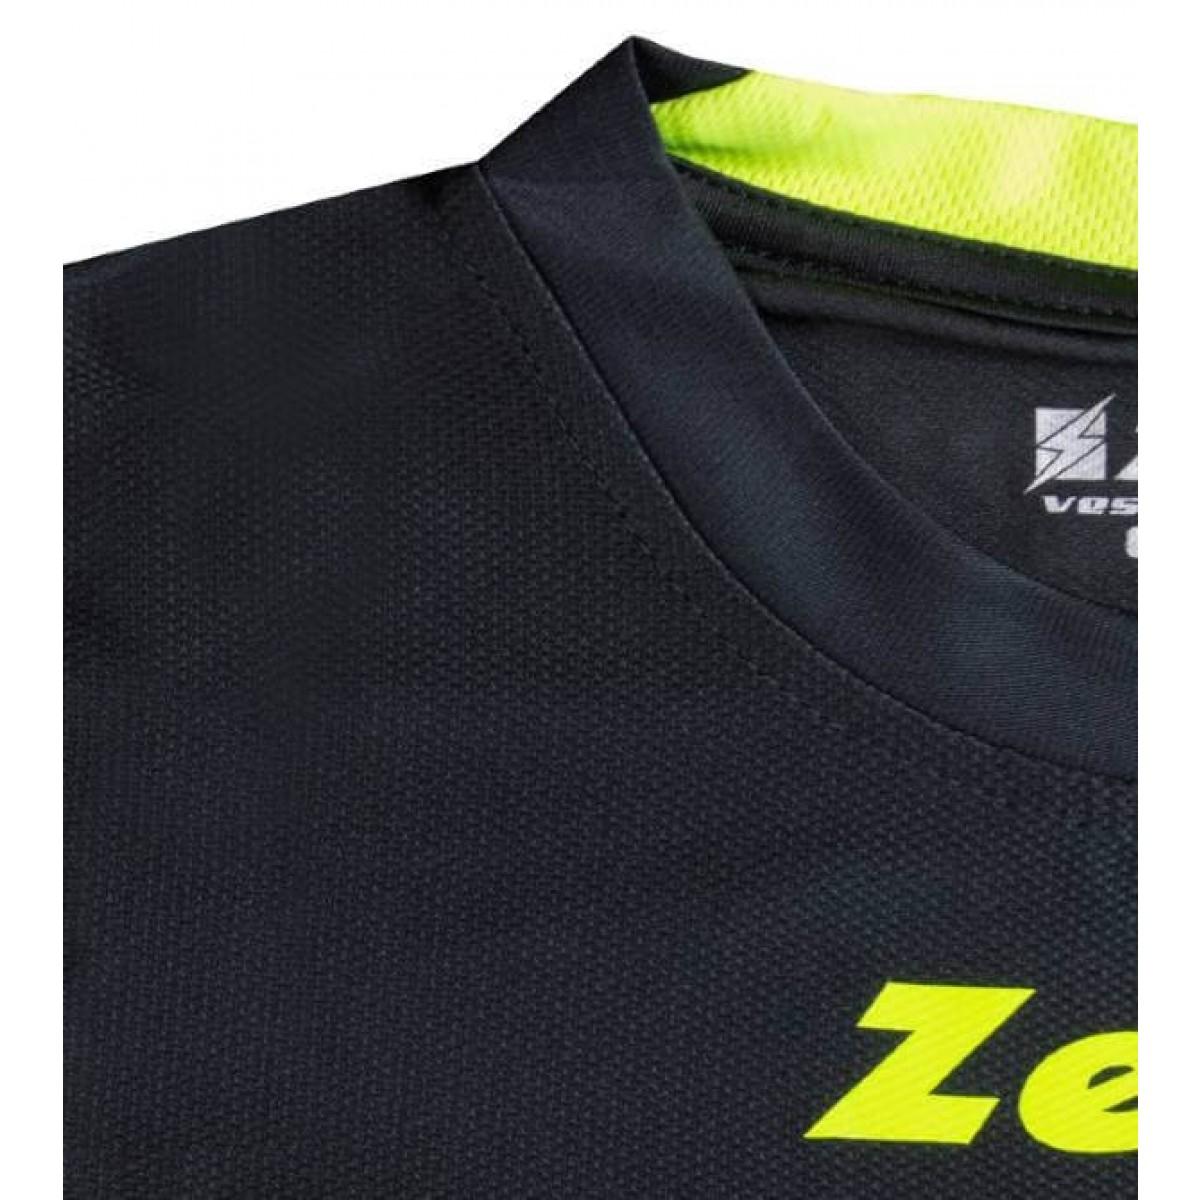 Zeus Marathon loebetroeje sort neon gul